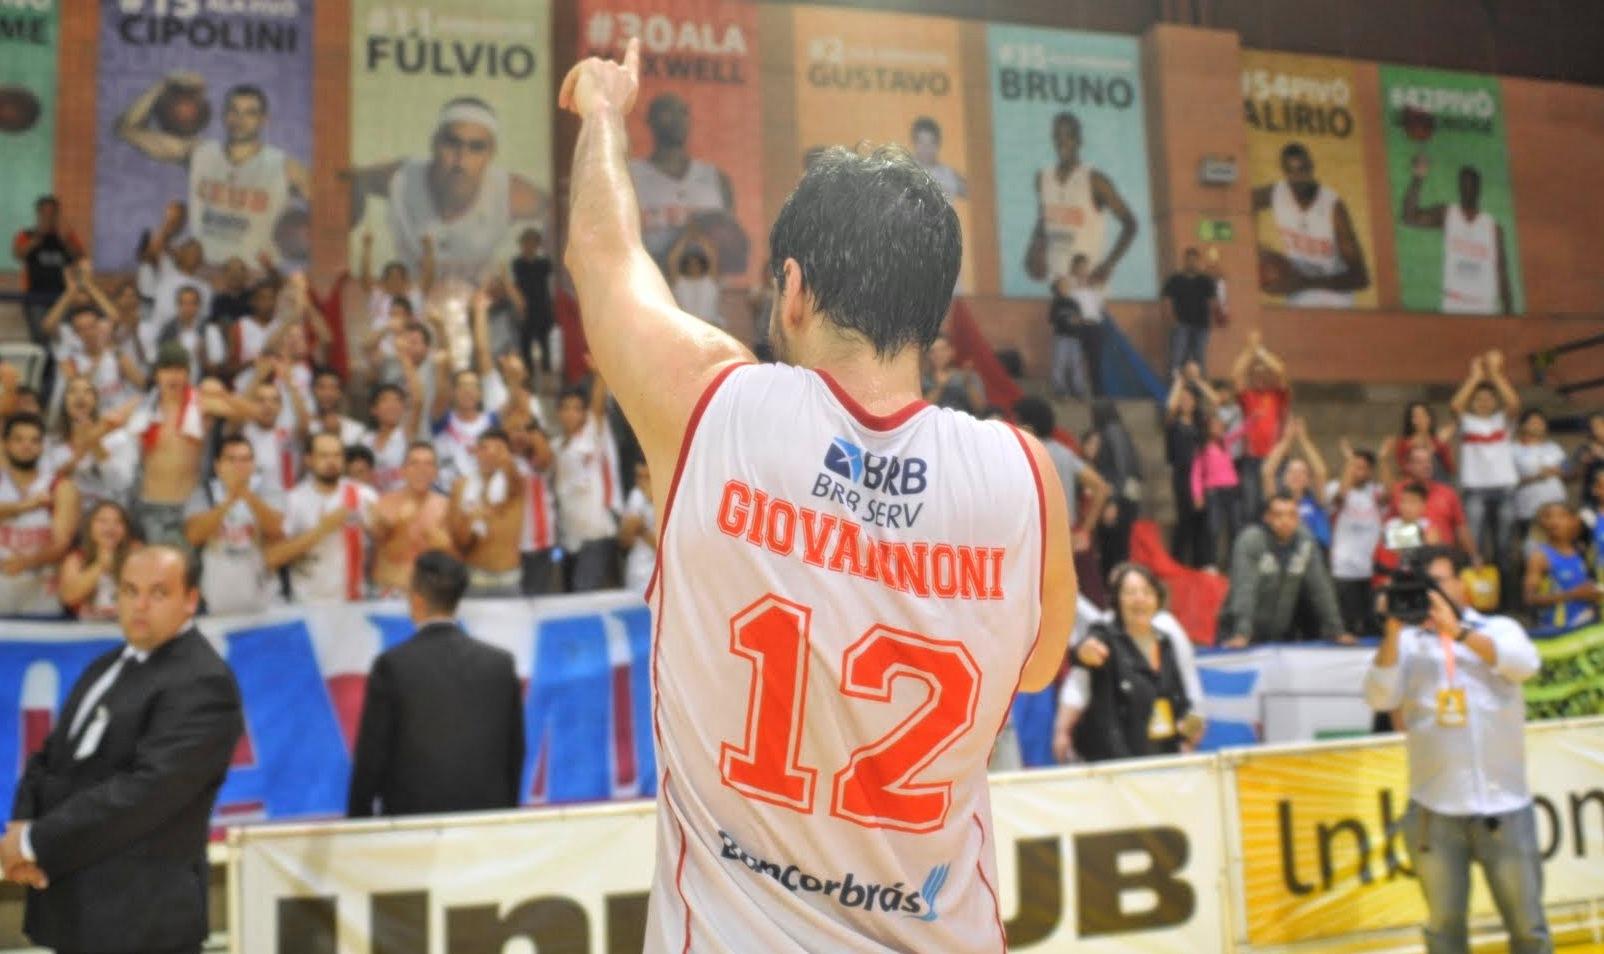 Ídolo da torcida, Giovannoni seguirá vestindo a camisa do Brasília na próxima temporada (Brito Junior/Divulgação)